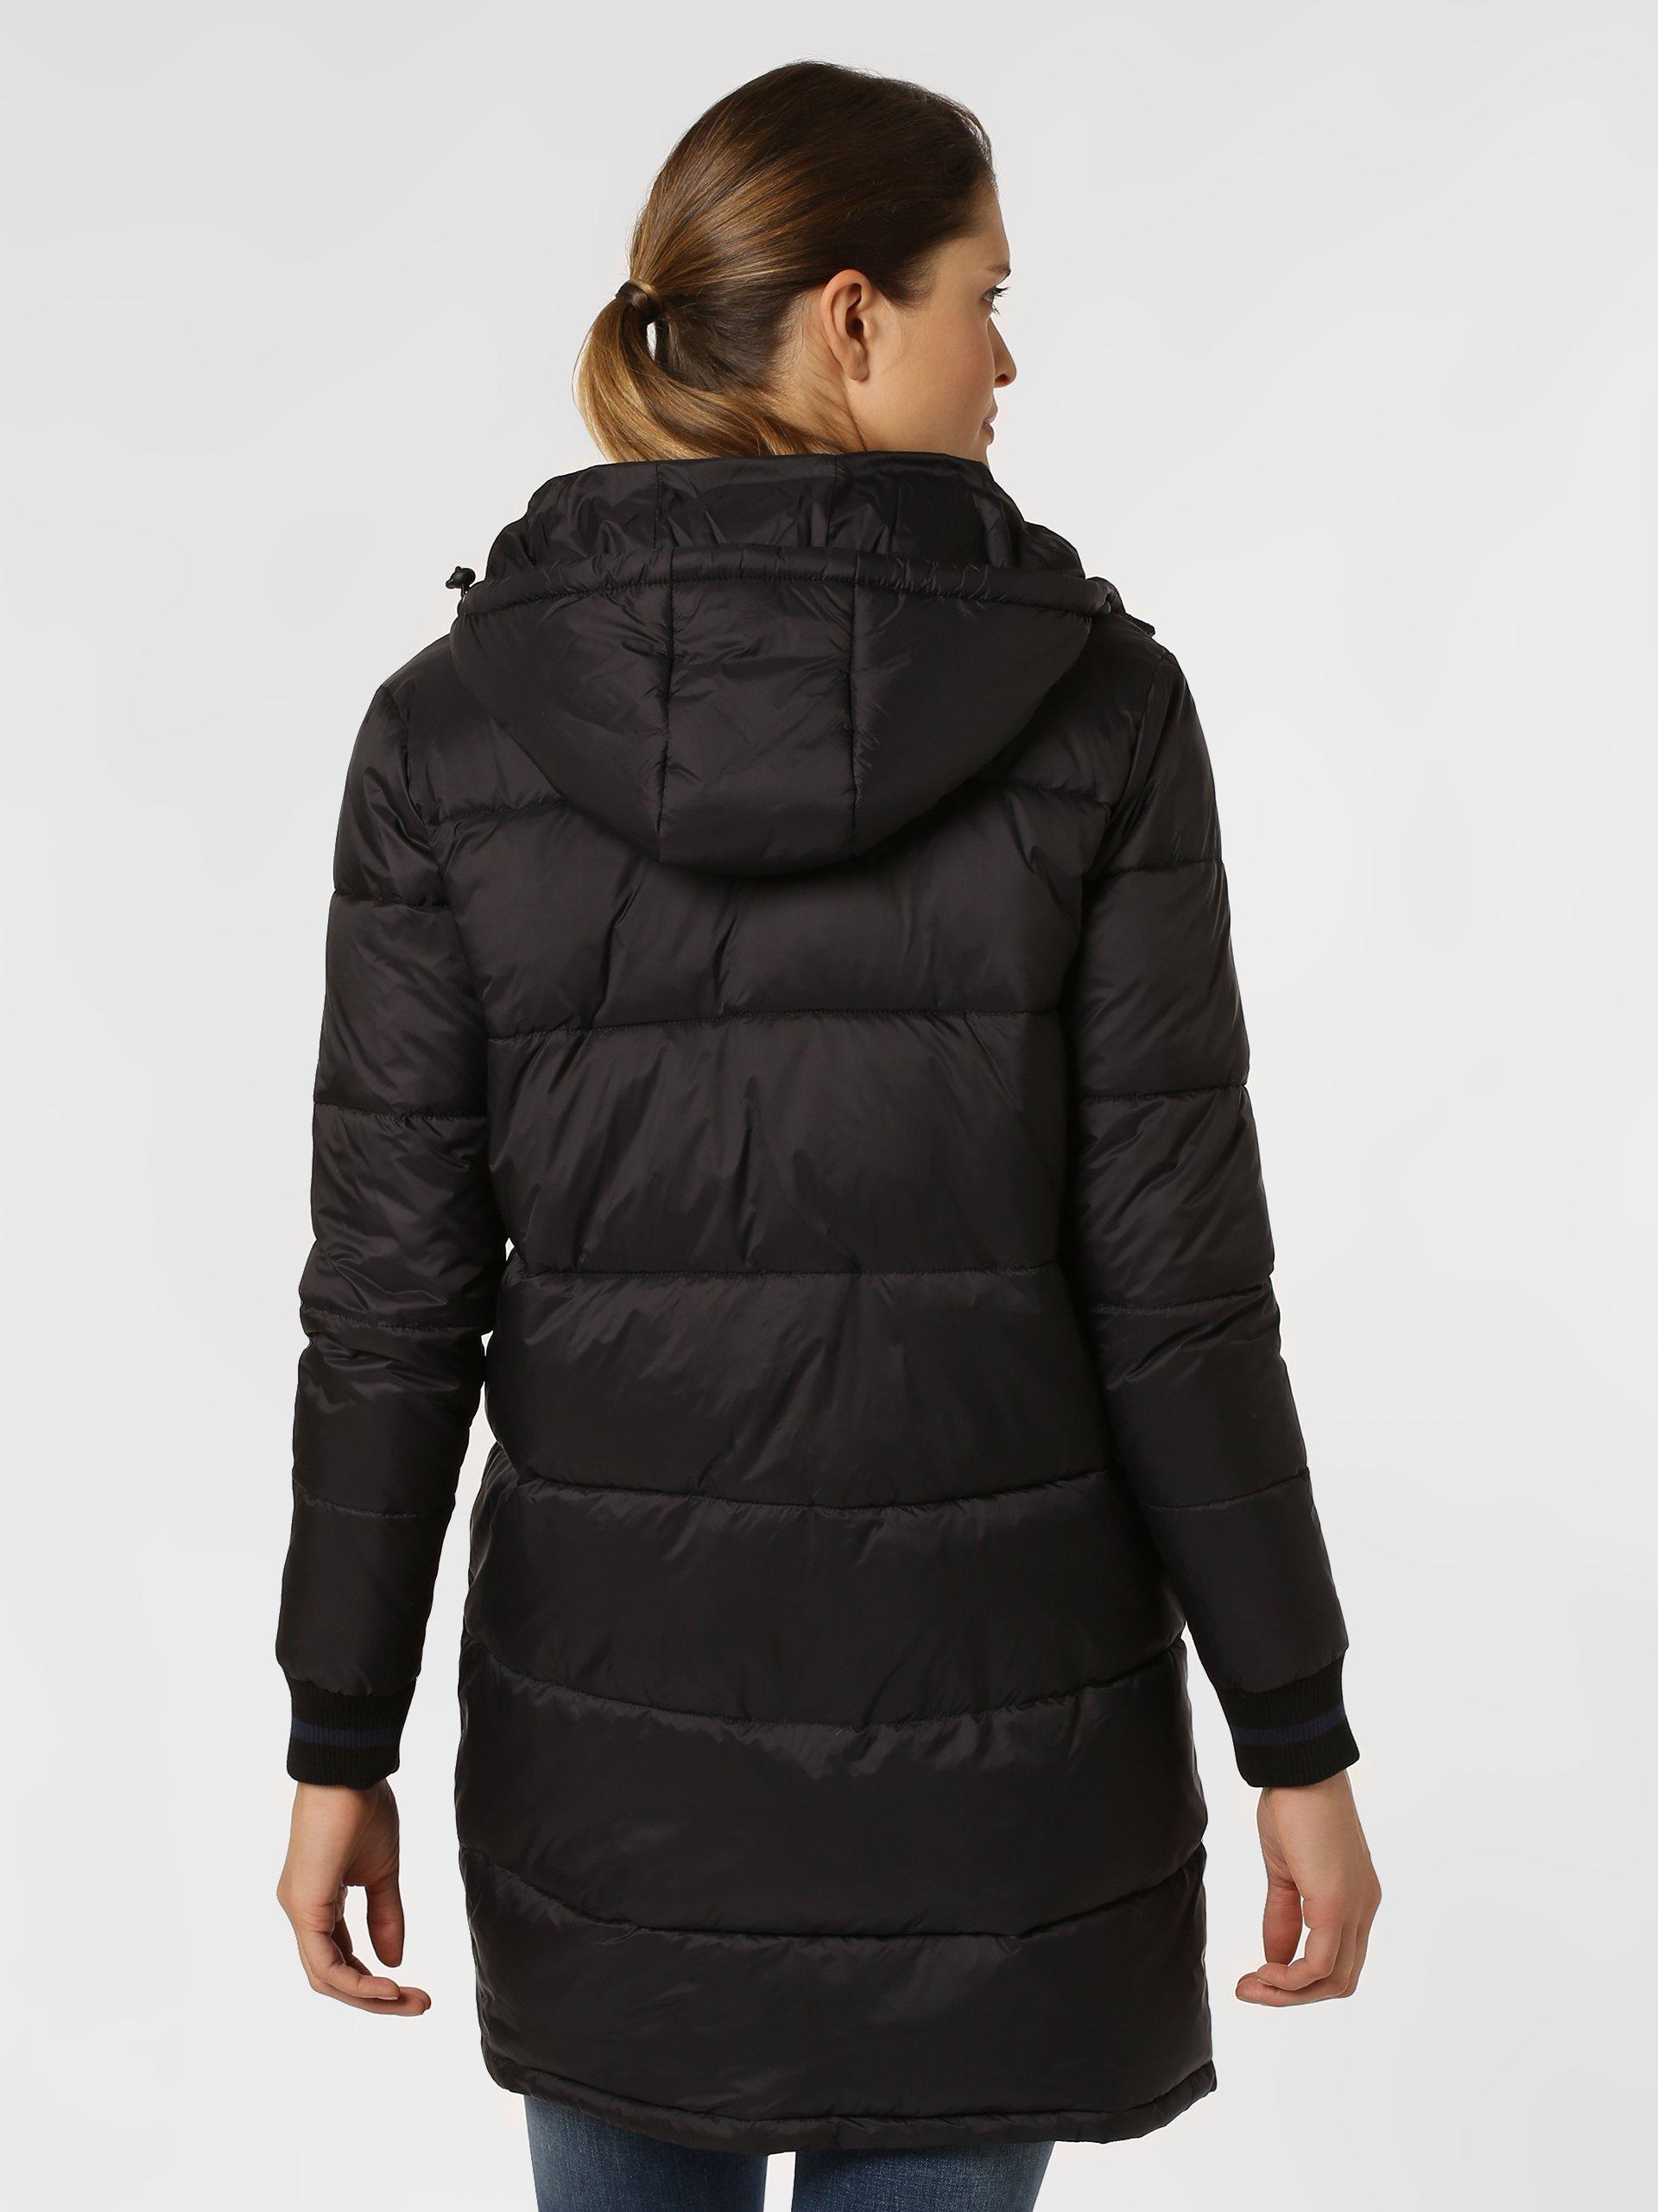 Aygill\'s Damski płaszcz pikowany